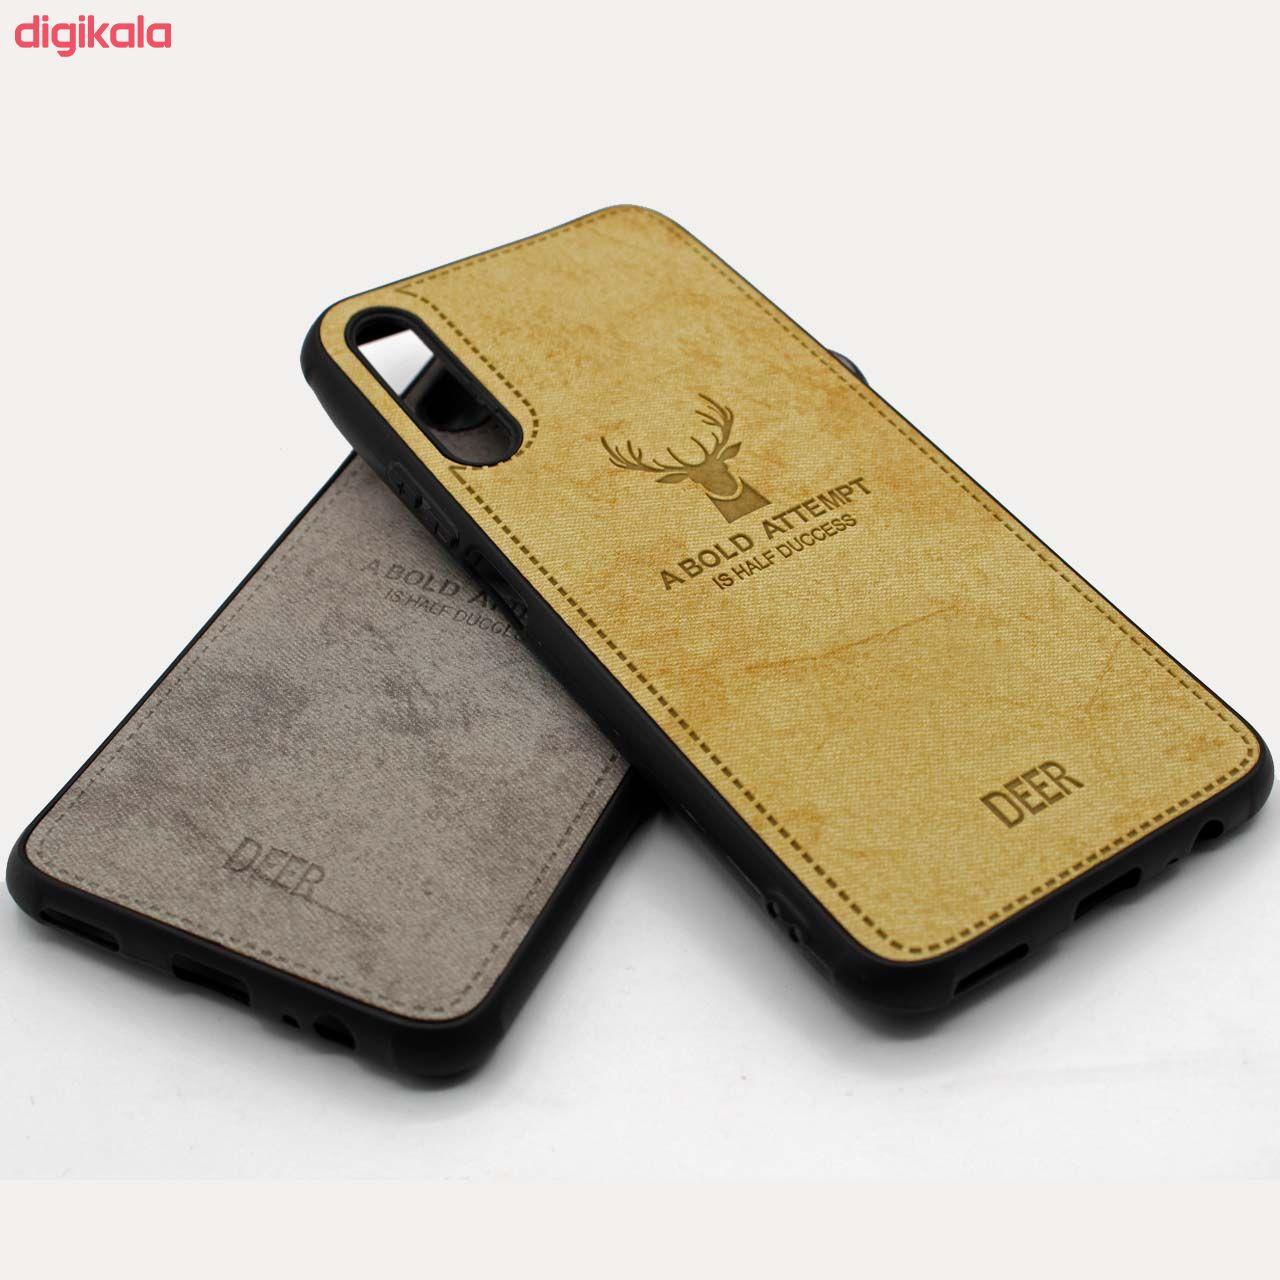 کاور کینگ پاور مدل D21 مناسب برای گوشی موبایل هوآوی Y9s